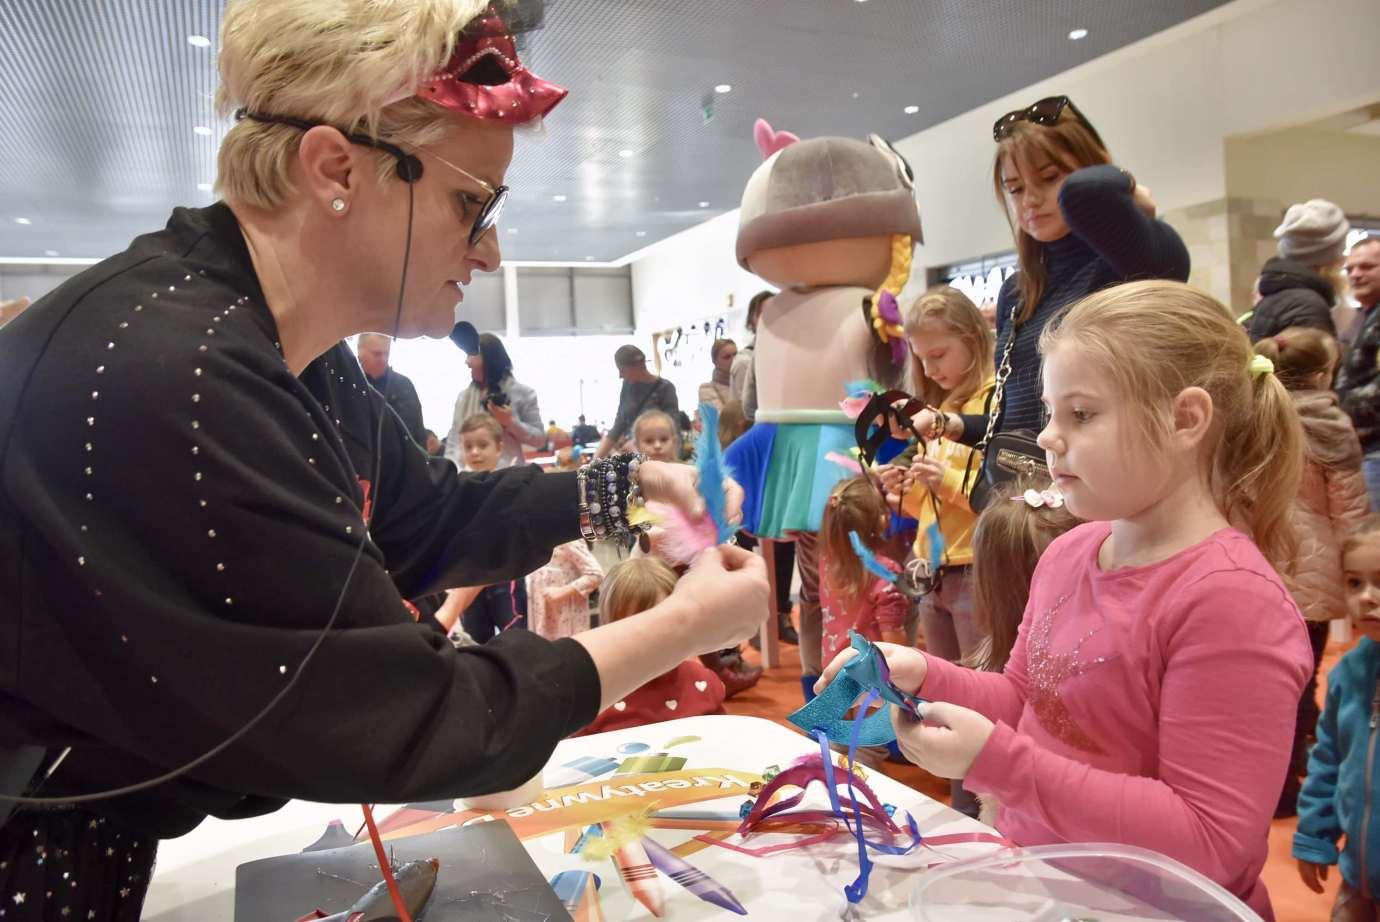 dsc 3948 Zabawa kreatywnych dzieciaków w Galerii Handlowej Twierdza (filmy i zdjęcia)